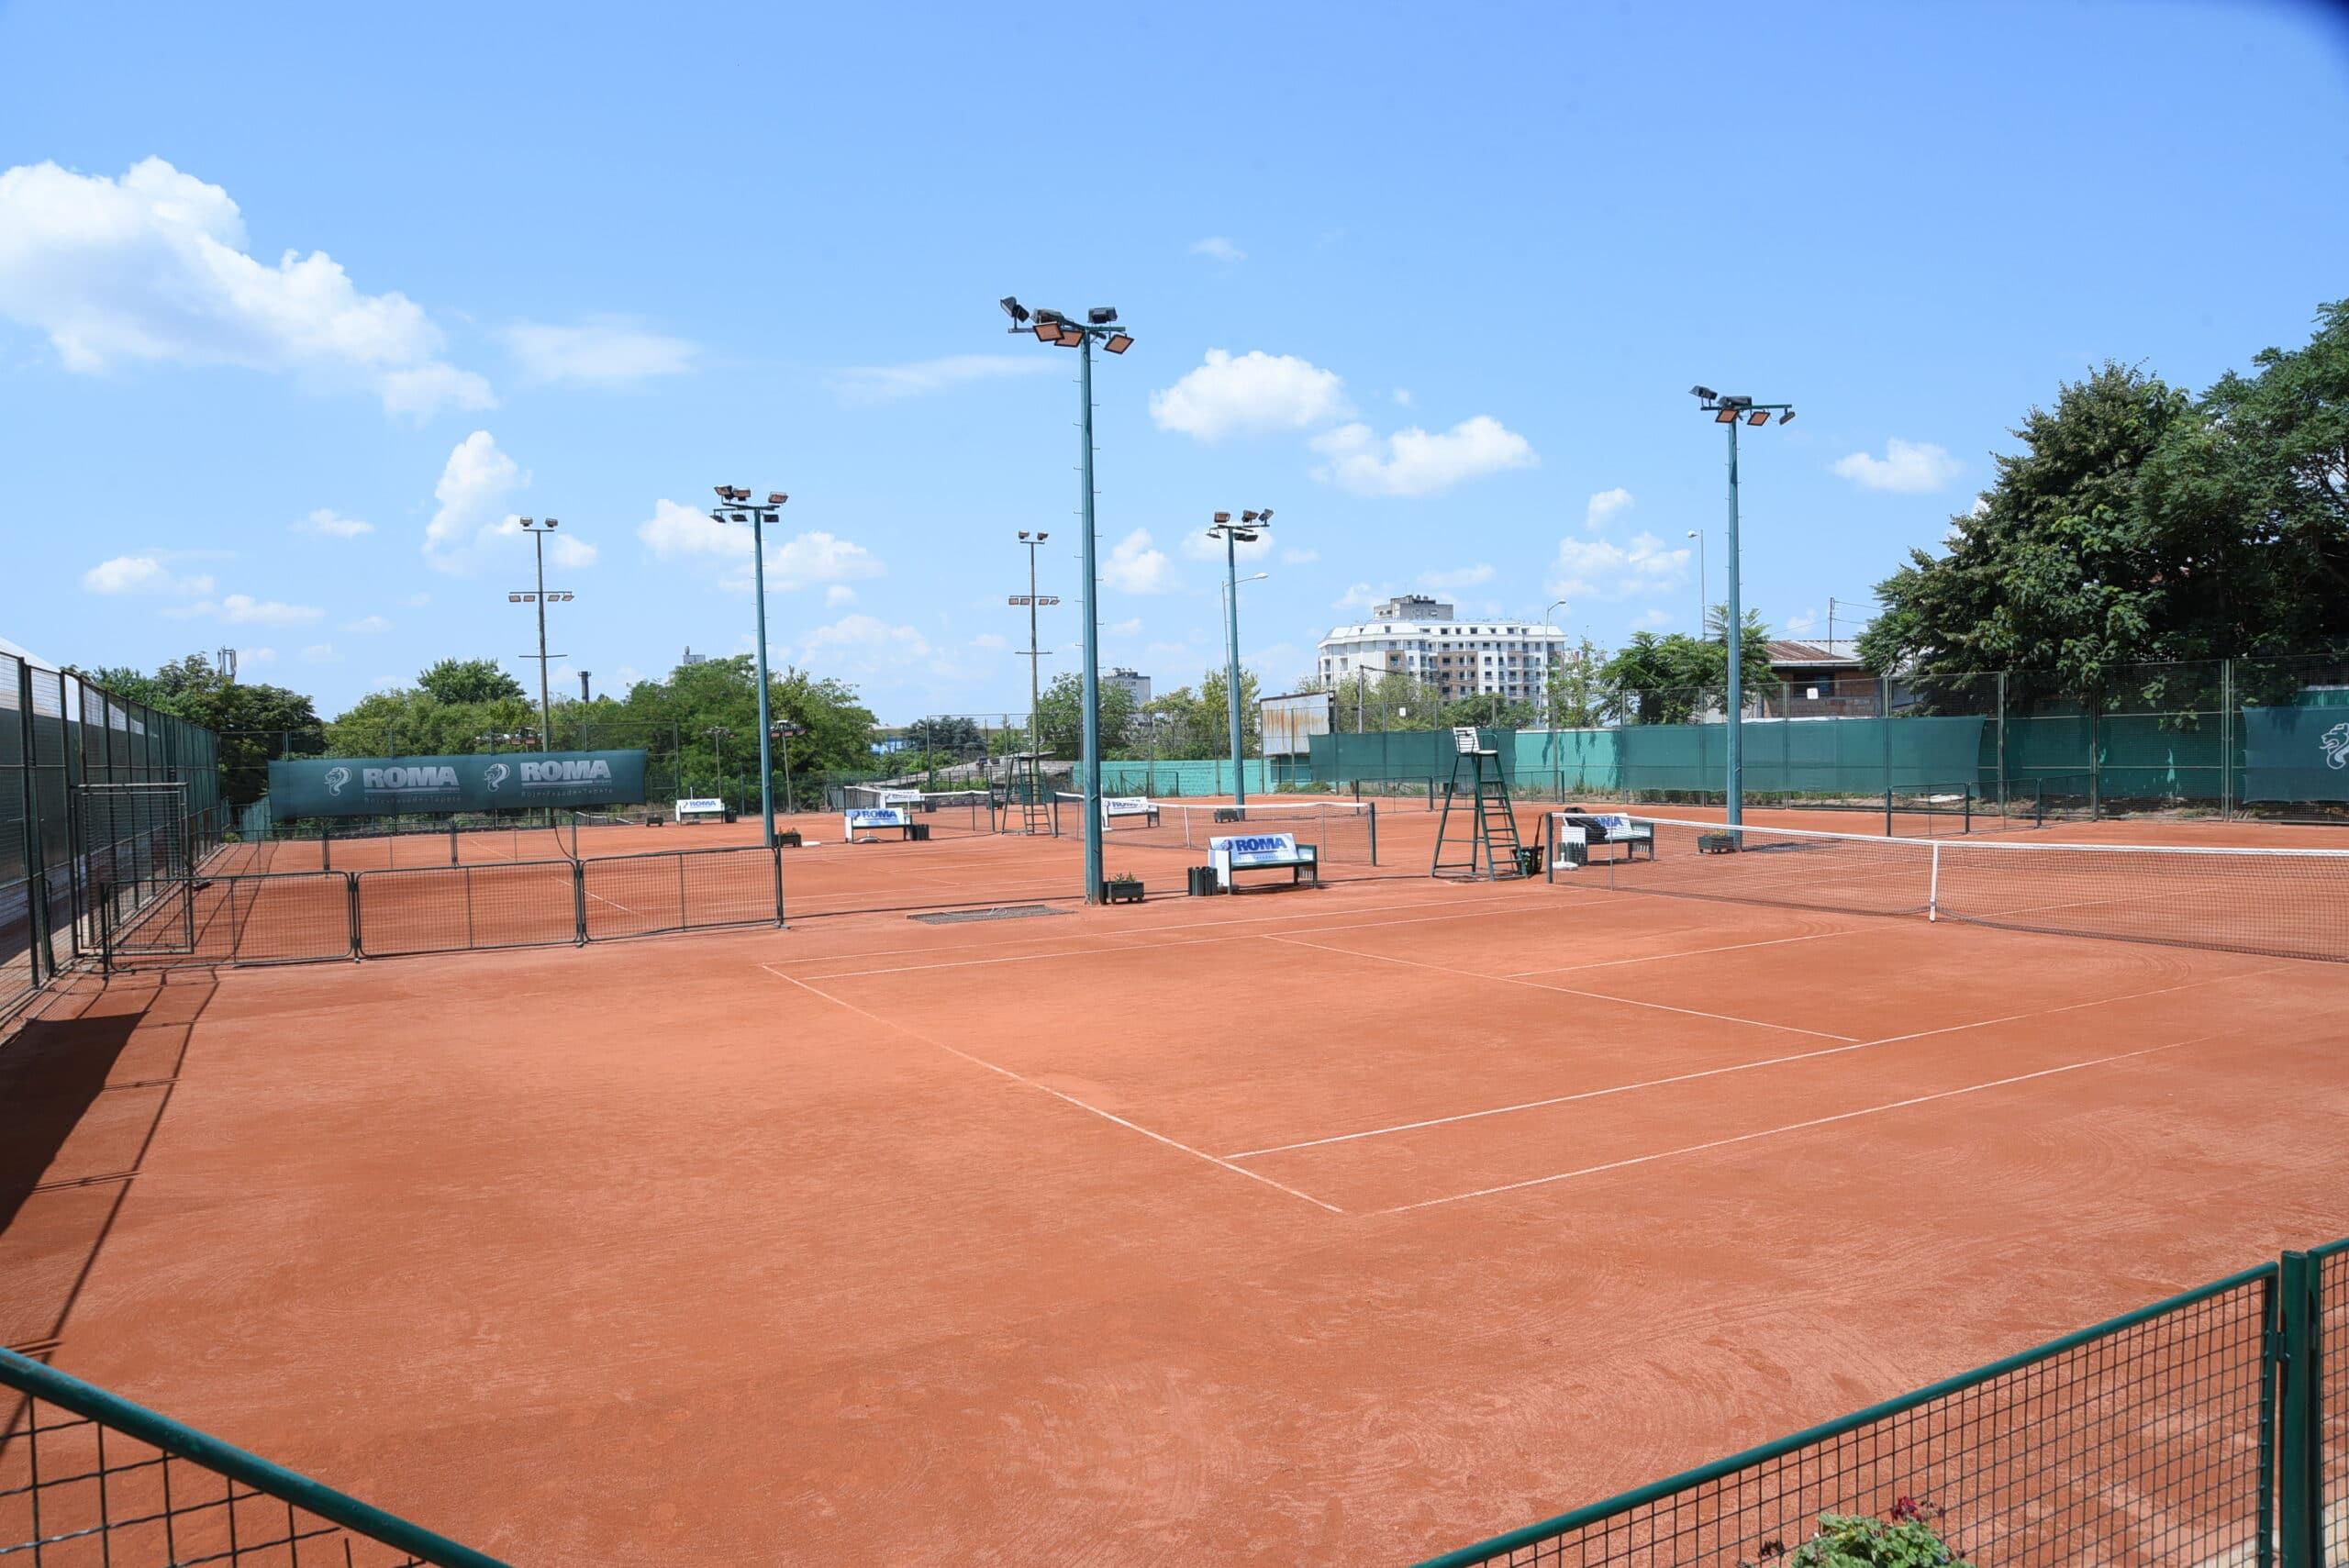 Igra se nastavlja - Mozzart pokreće i besplatnu školu tenisa u Beogradu 2